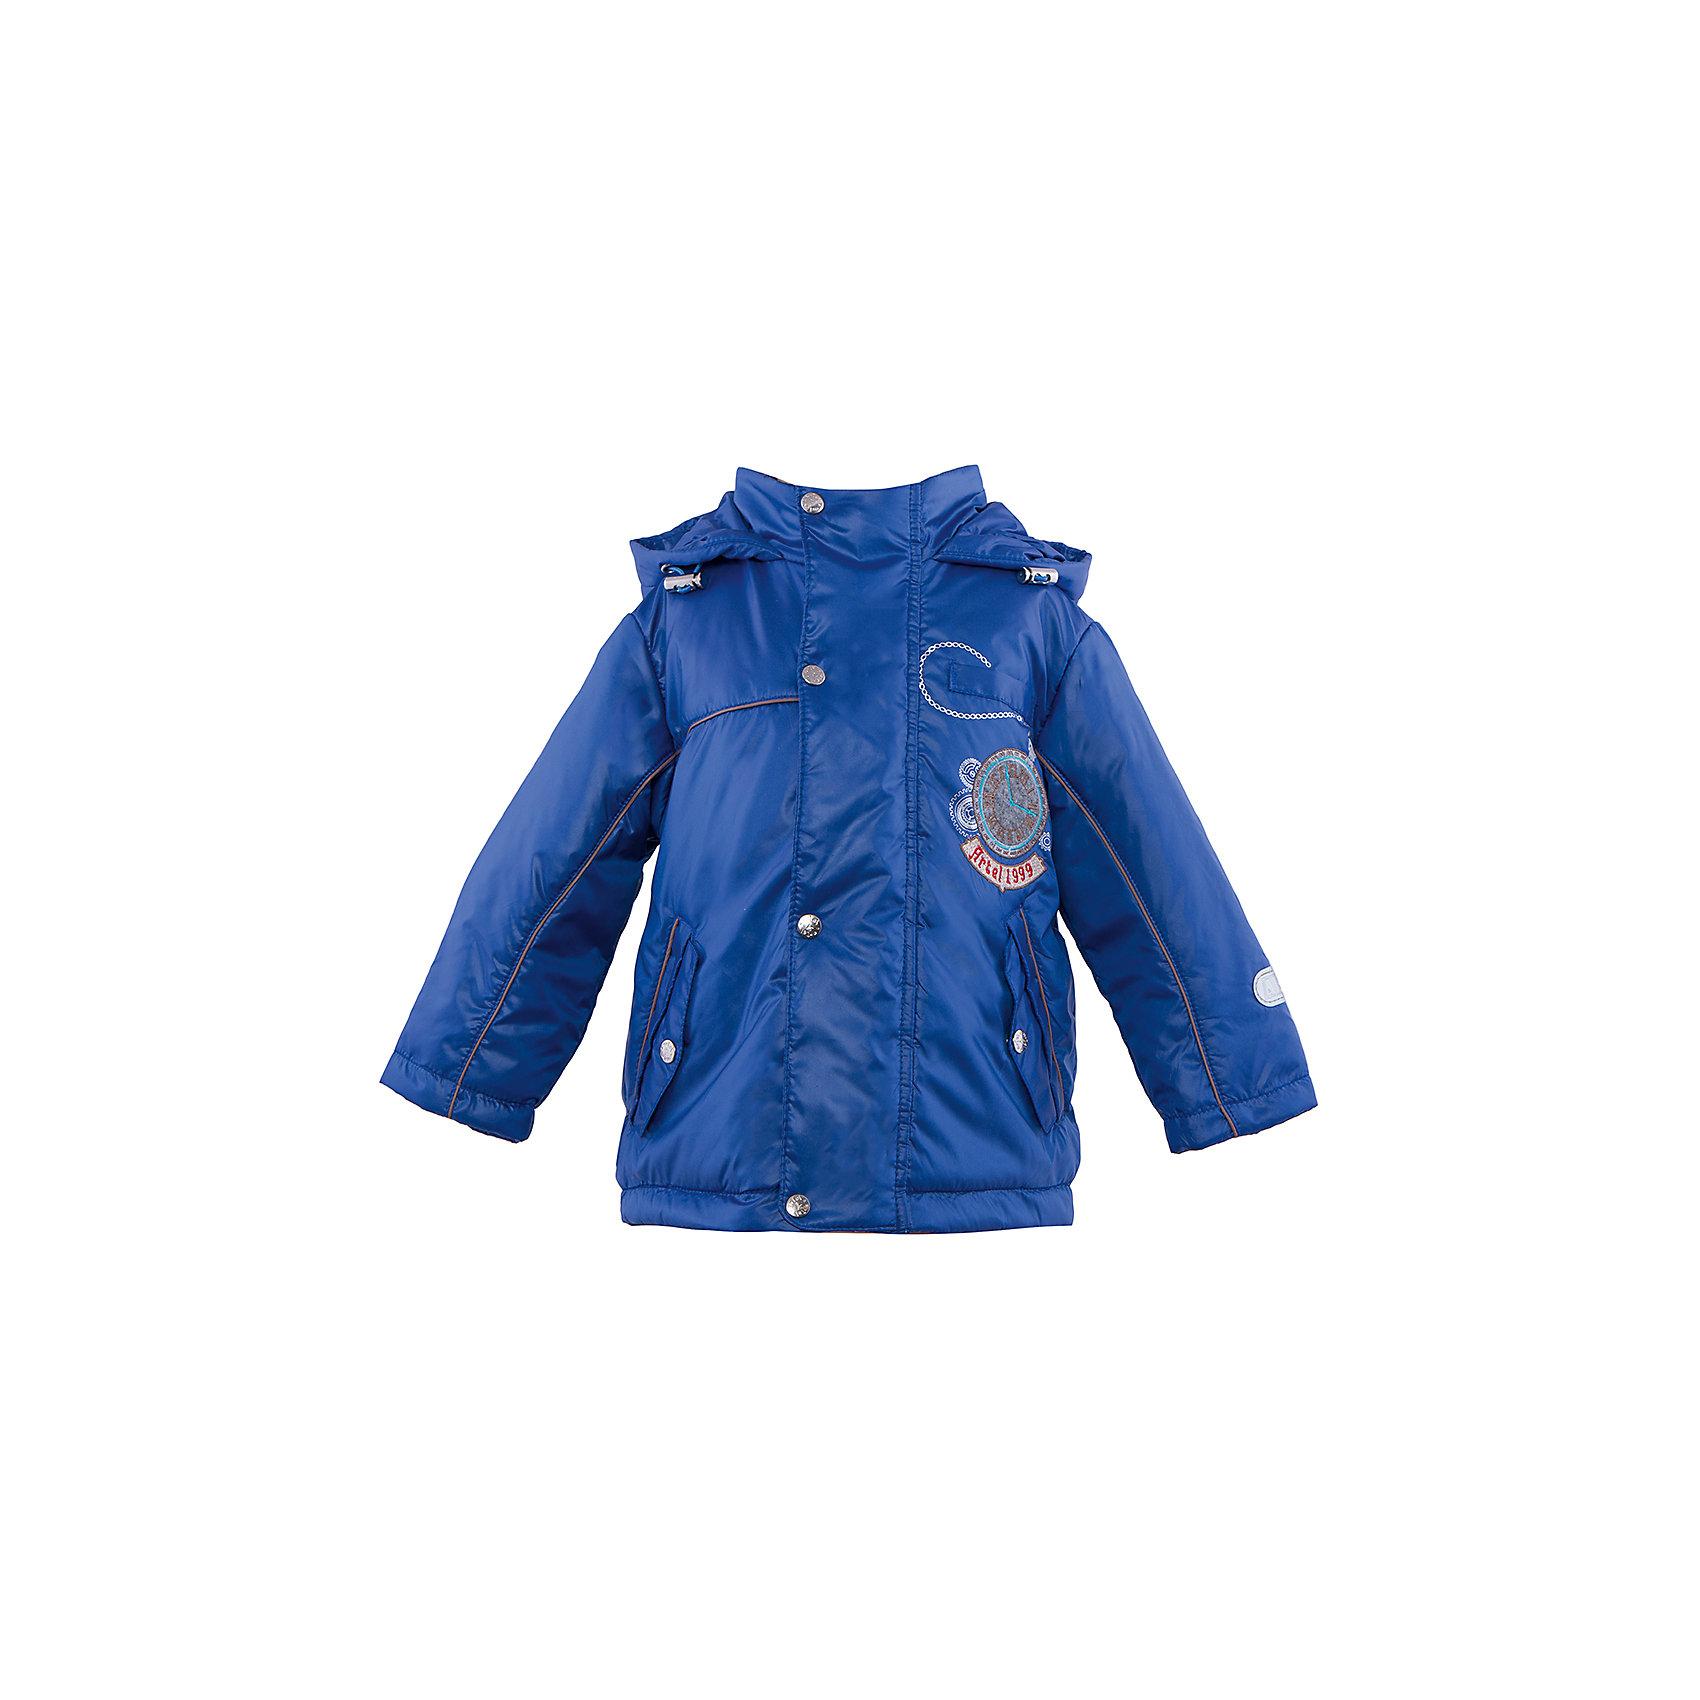 Куртка для мальчика АртельКуртка для мальчика от торговой марки Артель &#13;<br>&#13;<br>Стильная утепленная куртка позволит ребенку чувствовать себя комфортно даже в холодную погоду. Сделана она из качественных материалов, поэтому может прослужить не один сезон. Практичная и удобная вещь.<br>Одежда от бренда Артель – это высокое качество по приемлемой цене и всегда продуманный дизайн. &#13;<br>&#13;<br>Особенности модели: &#13;<br>- цвет - синий;&#13;<br>- наличие карманов;&#13;<br>- капюшон;<br>- утеплитель;&#13;<br>- украшена вышивкой;&#13;<br>- застежка-молния, ветрозащитный клапан на кнопках.&#13;<br>&#13;<br>Дополнительная информация:&#13;<br>&#13;<br>Состав: &#13;<br>- верх: FITSYSTEM;<br>- подкладка: тиси;<br>- утеплитель: термофайбер 100 г<br>&#13;<br>Температурный режим: &#13;<br>от - 10 °C до + 10 °C&#13;<br>&#13;<br>Куртку для мальчика Артель (Artel) можно купить в нашем магазине.<br><br>Ширина мм: 356<br>Глубина мм: 10<br>Высота мм: 245<br>Вес г: 519<br>Цвет: синий<br>Возраст от месяцев: 24<br>Возраст до месяцев: 36<br>Пол: Мужской<br>Возраст: Детский<br>Размер: 98,86,80,92<br>SKU: 4496274